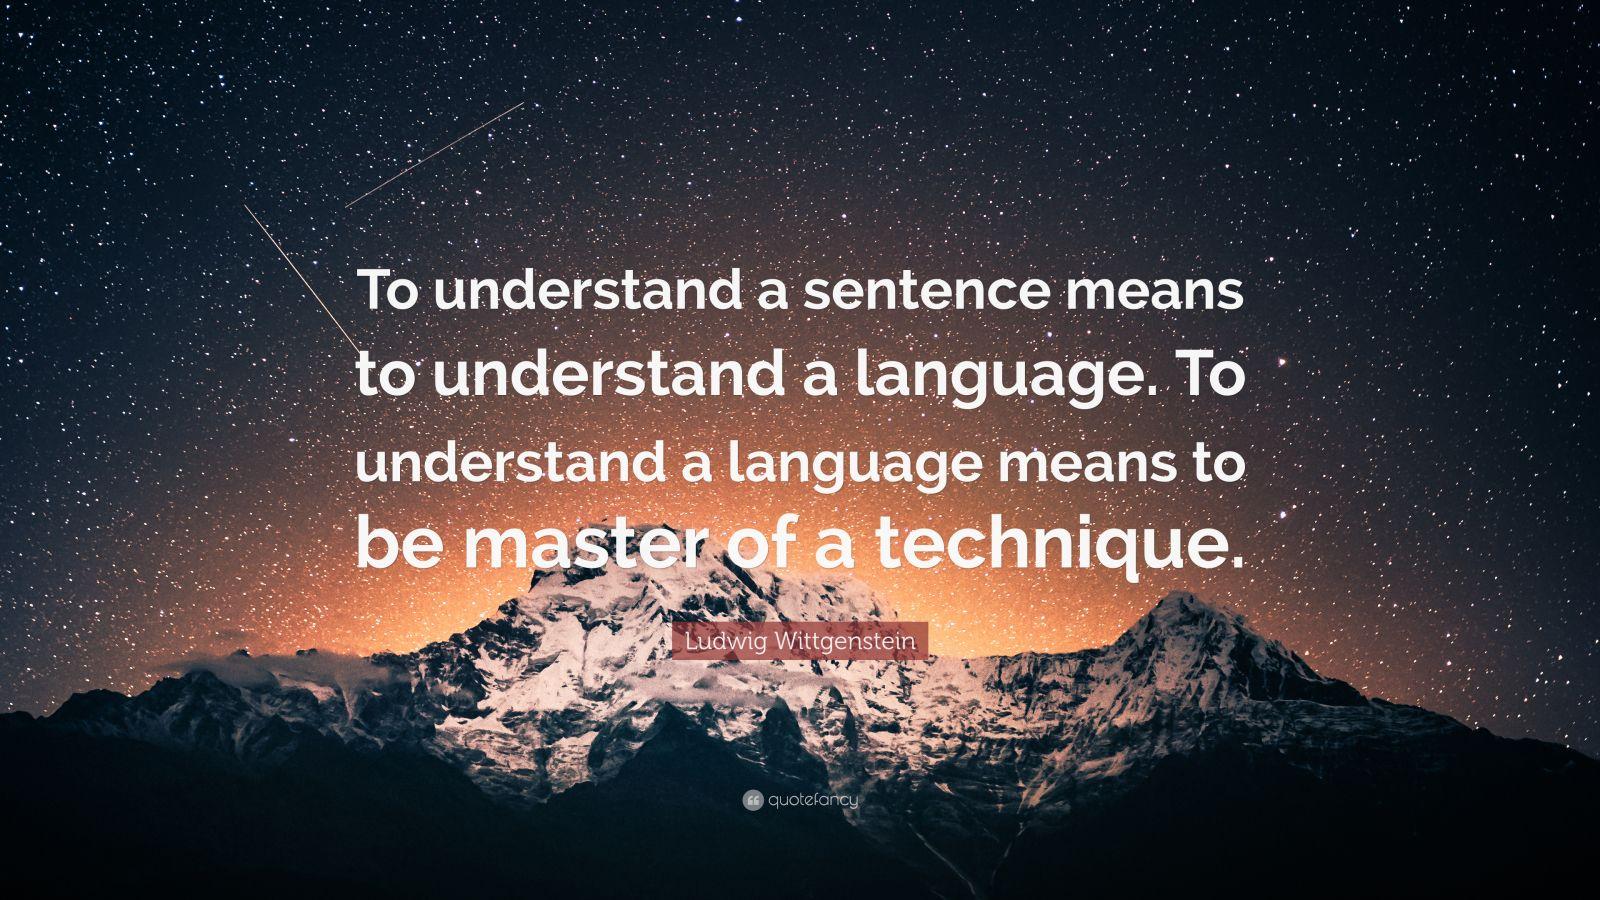 """Ludwig Wittgenstein Quote: """"To understand a sentence means to understand a language. To understand a language means to be master of a technique."""""""